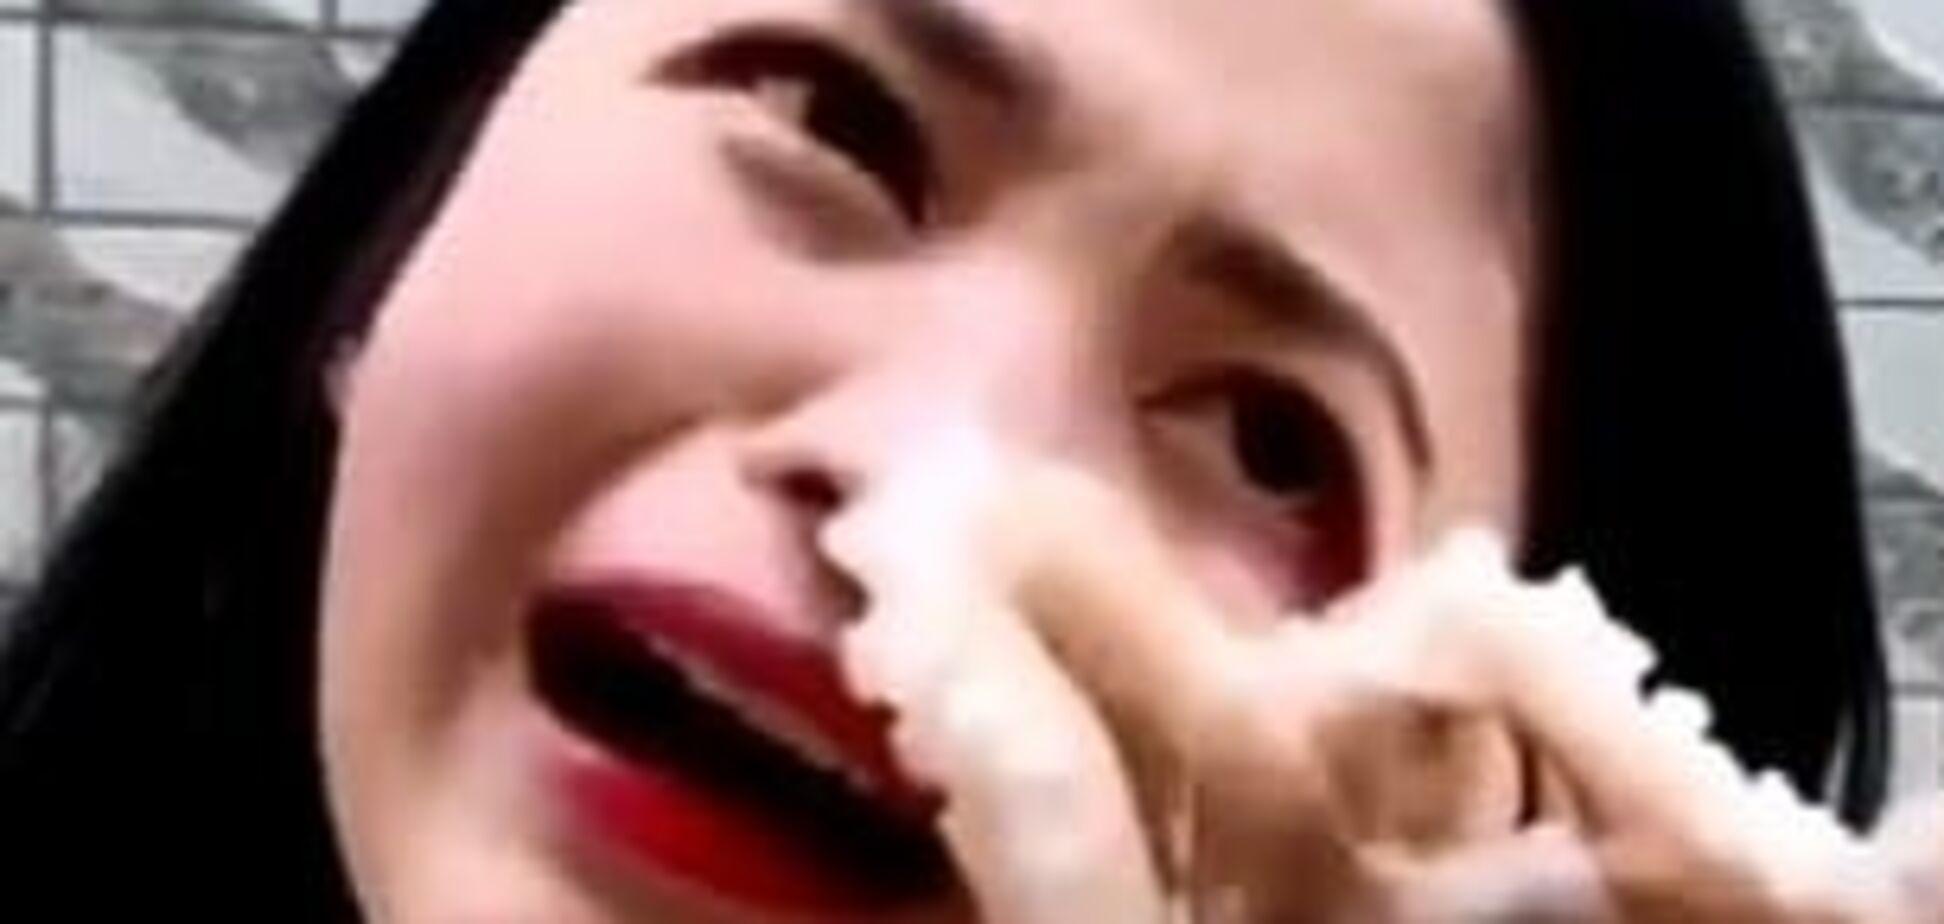 Дівчина їла восьминога, а він їв її: в мережі стало вірусним відео зі сутичкою блогера і морського монстра